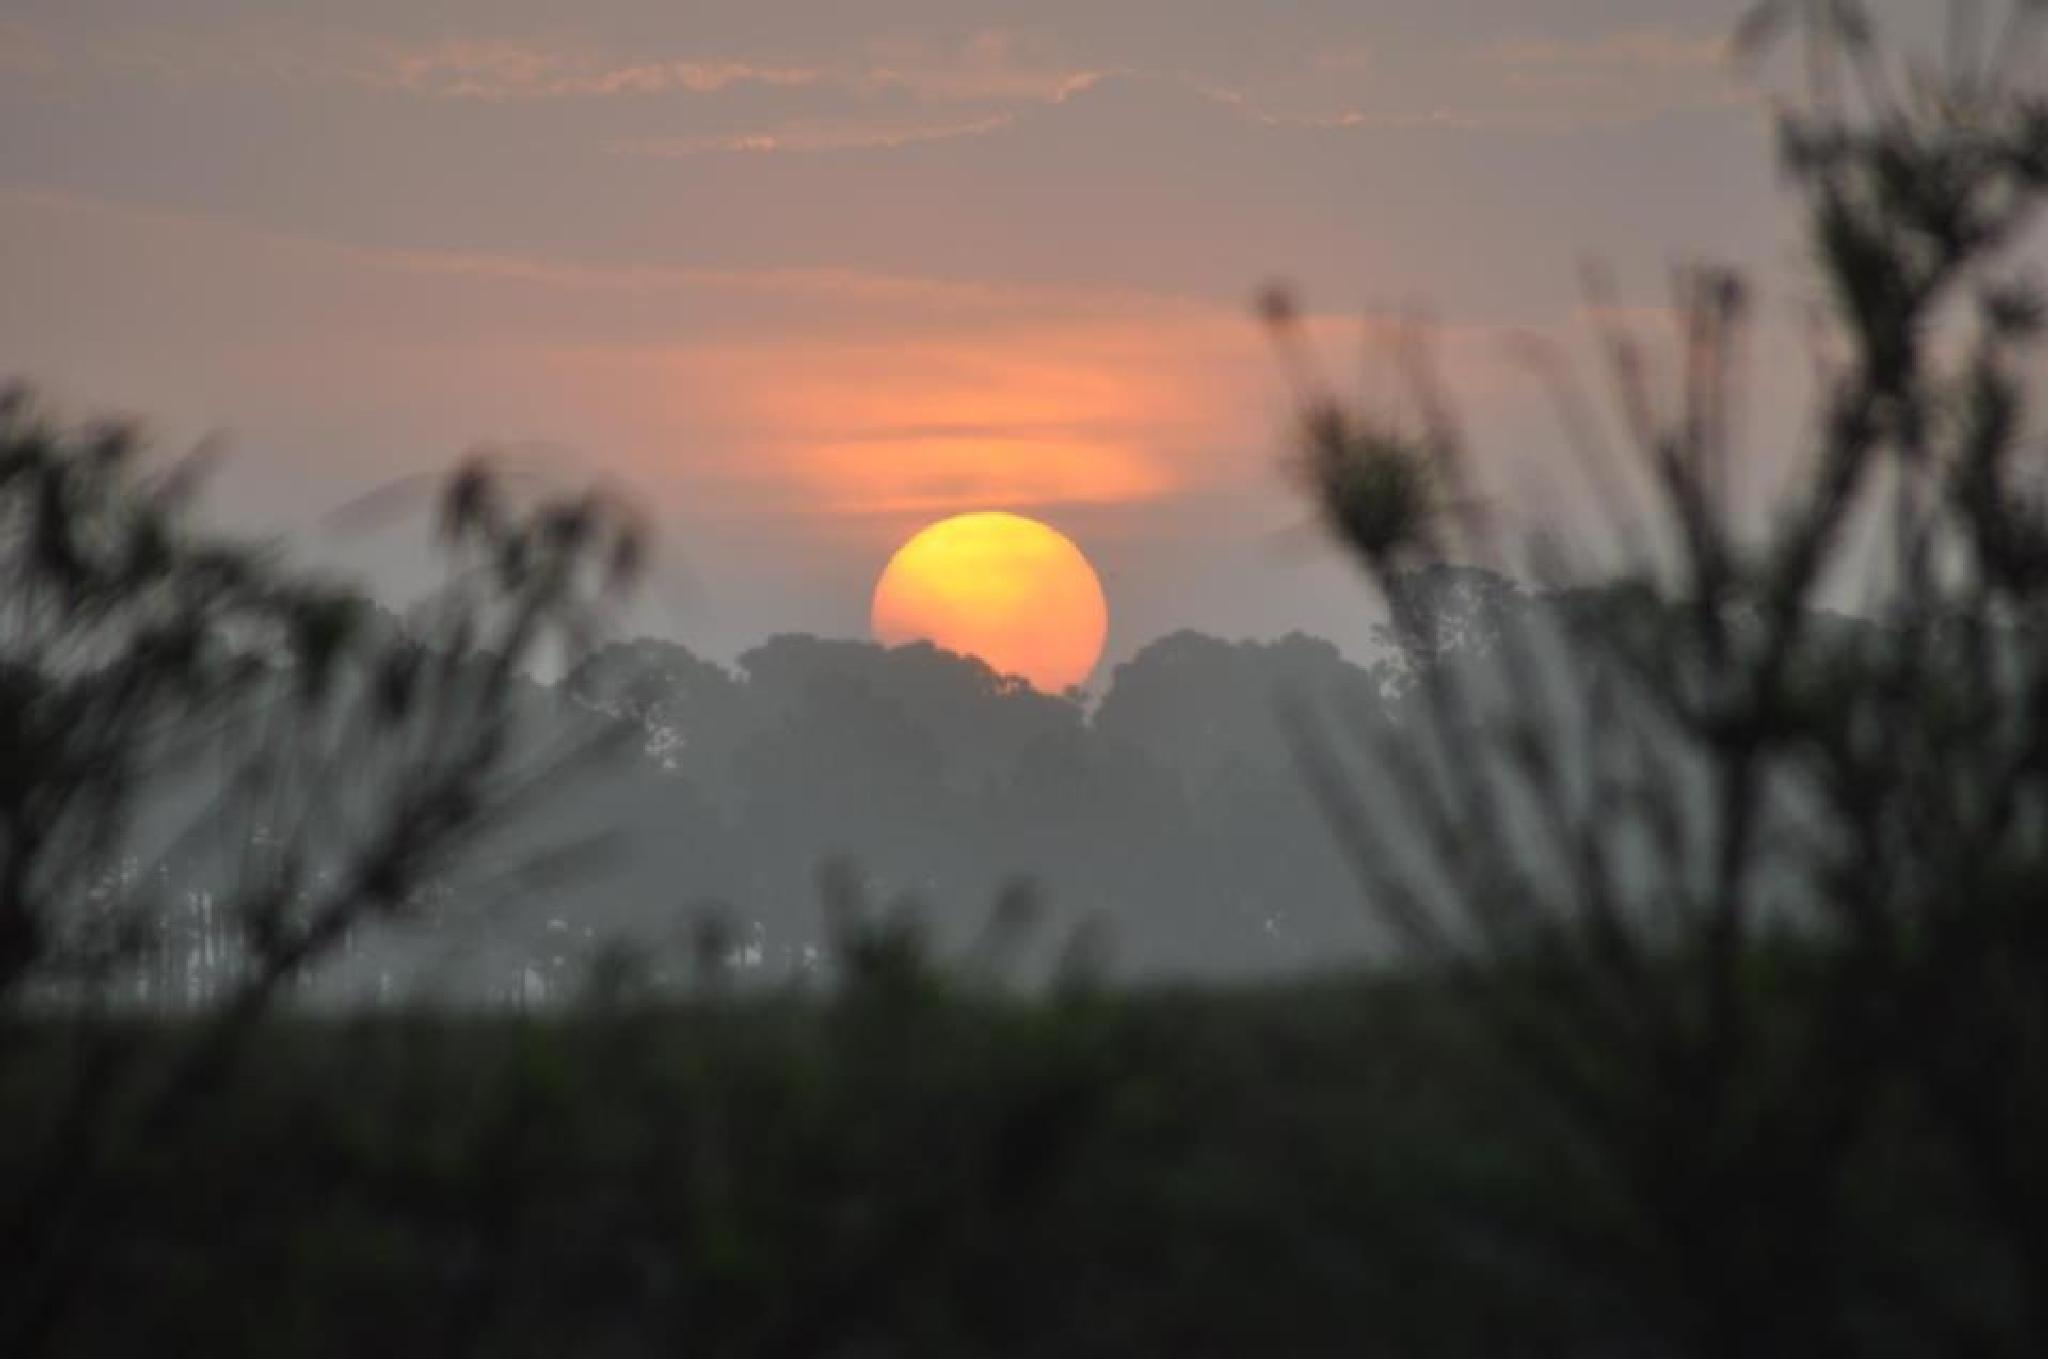 Sunset near Jensen Beach, FL by pamsheedy